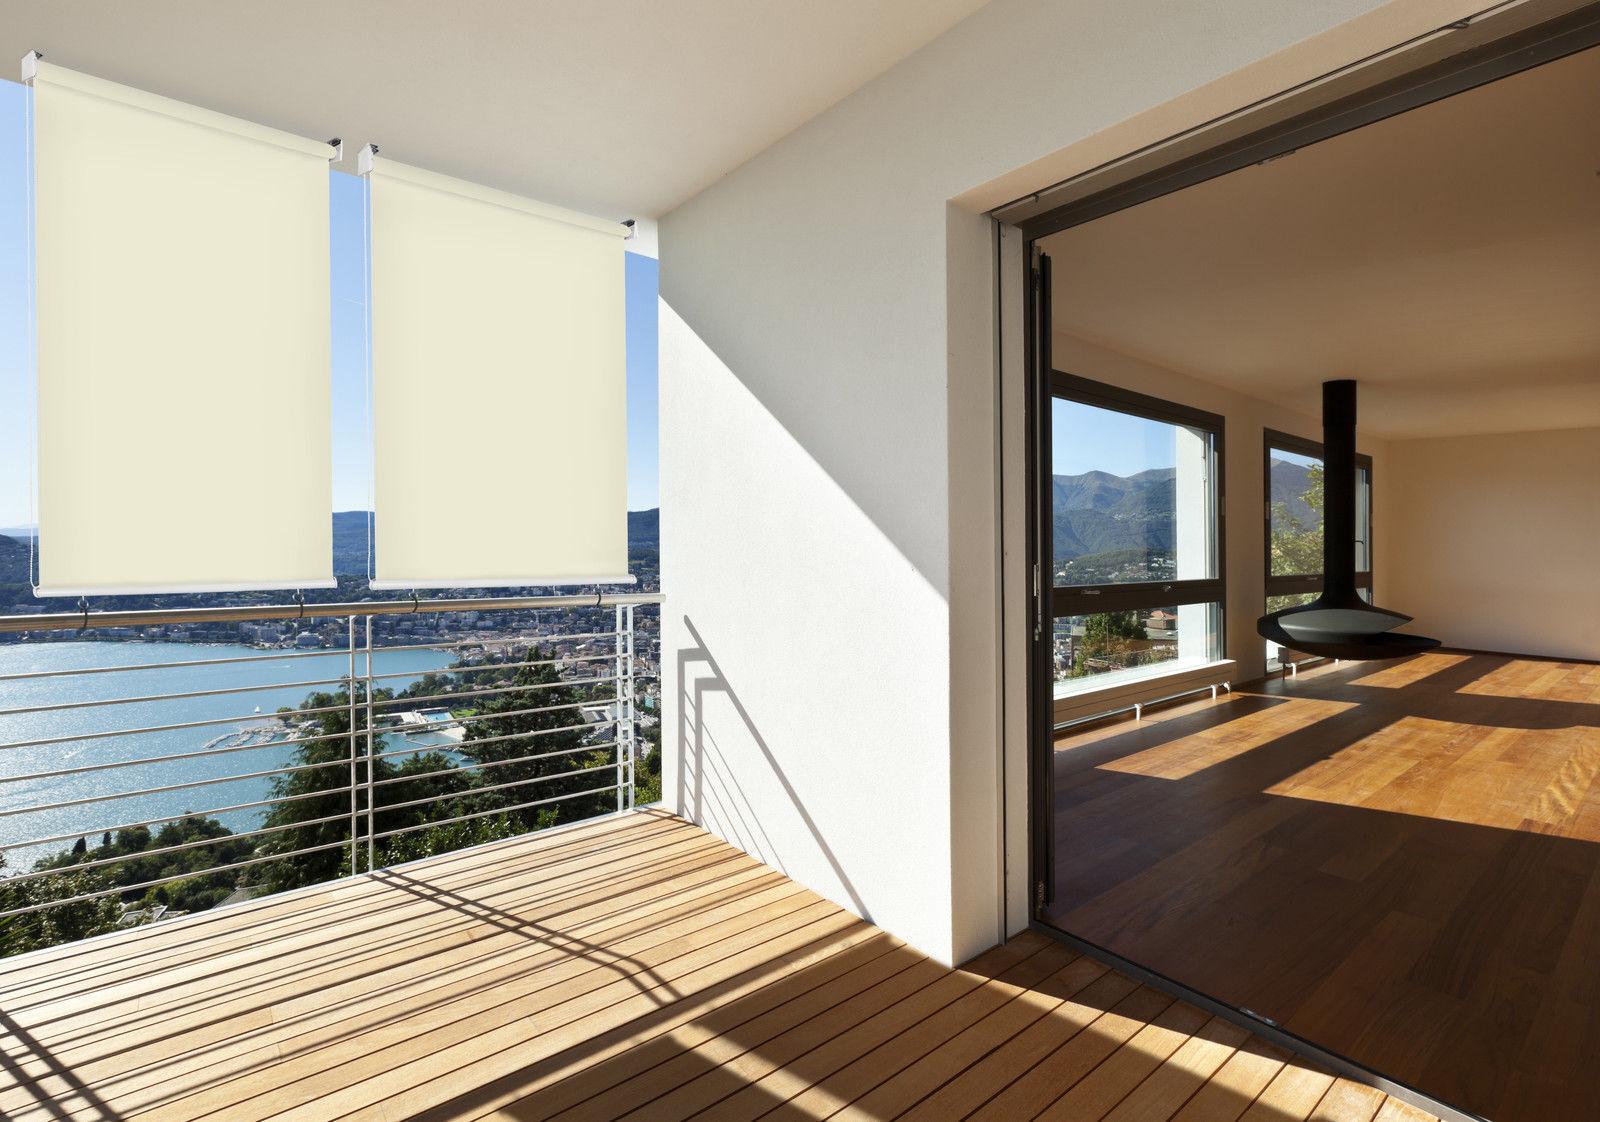 HECHT Sonnenschutz Außenrollo creme Sichtschutz Markise Windschutz